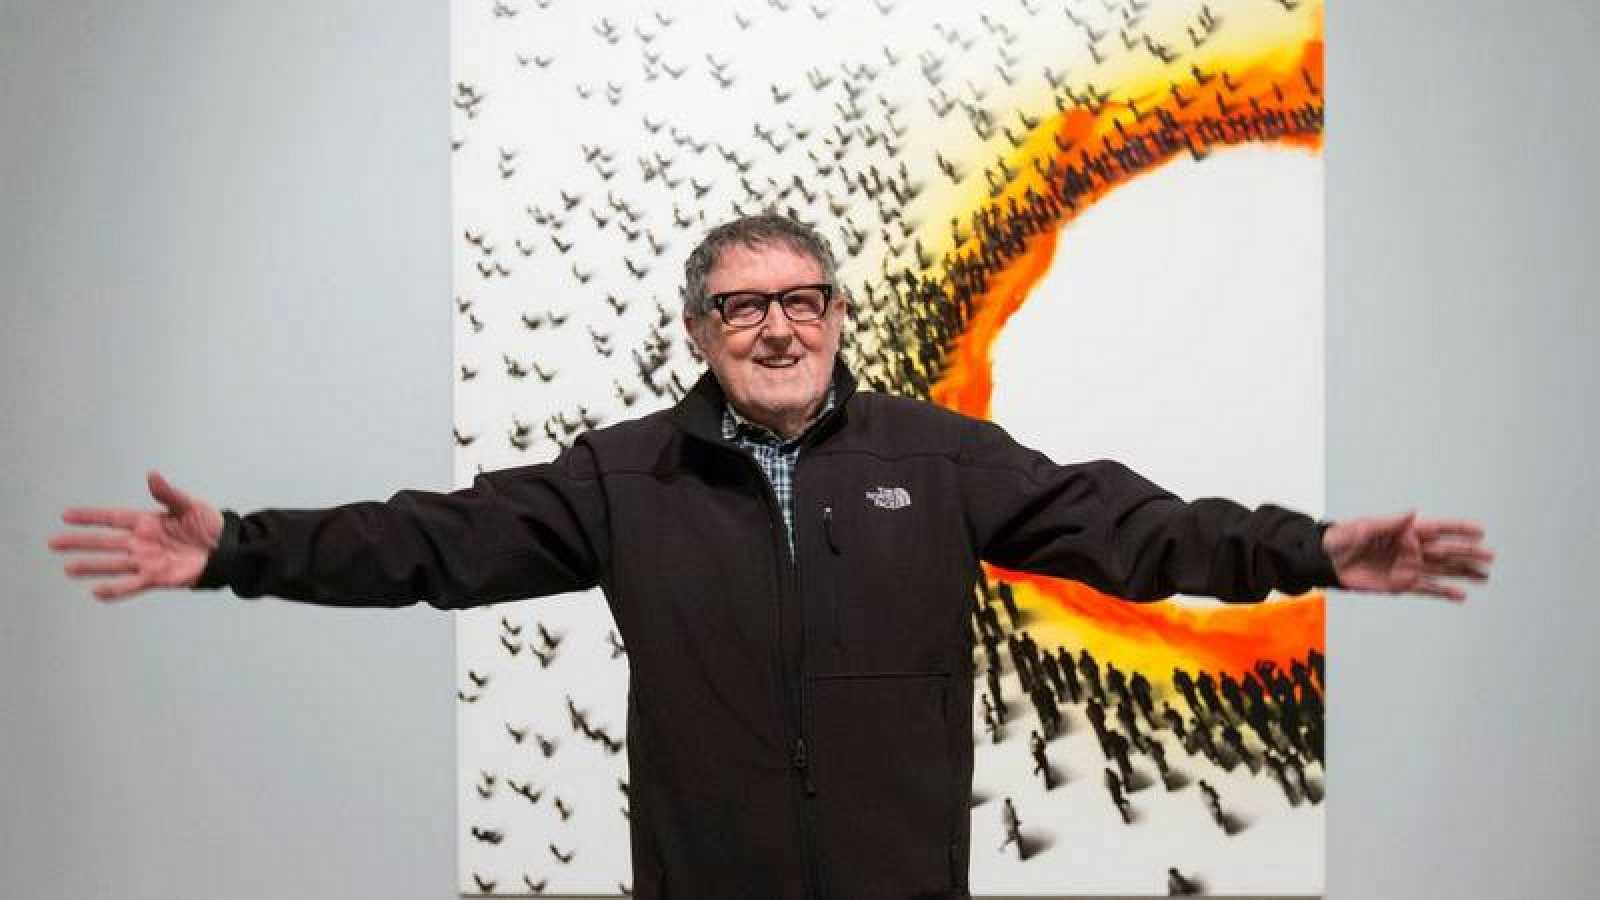 Juan Genovés junto a su obra durante la inauguración de 'Multitudes' (2016)